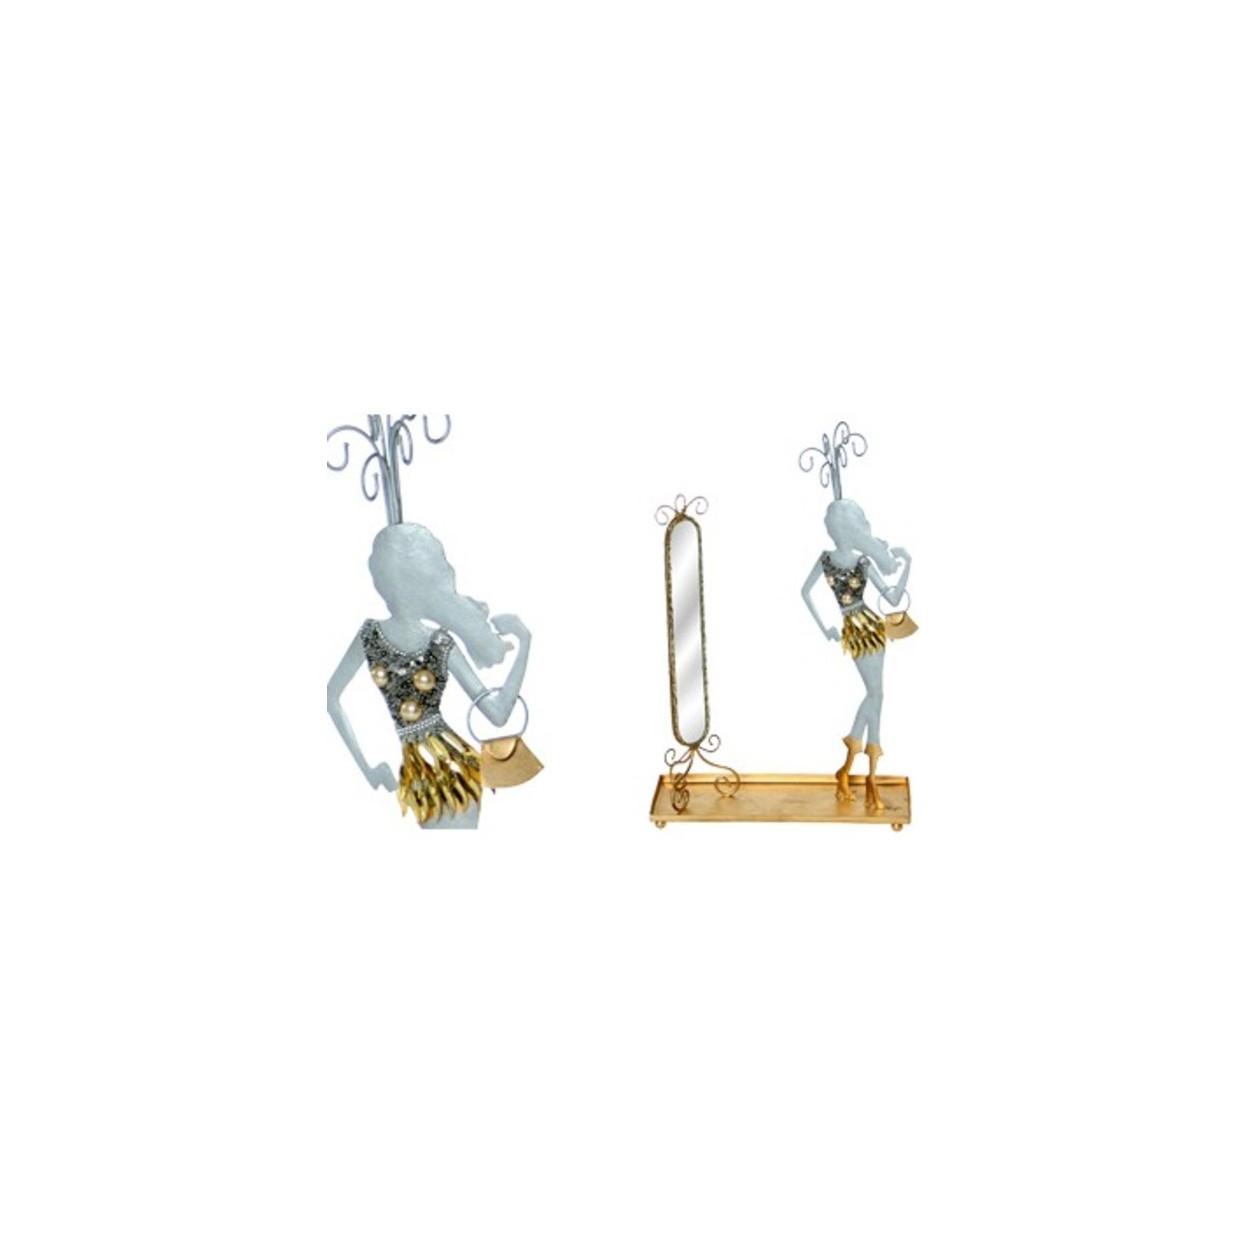 Figura cuelga joyas de metal 32x20x8 hogar y m s for Cuelga toallas bano